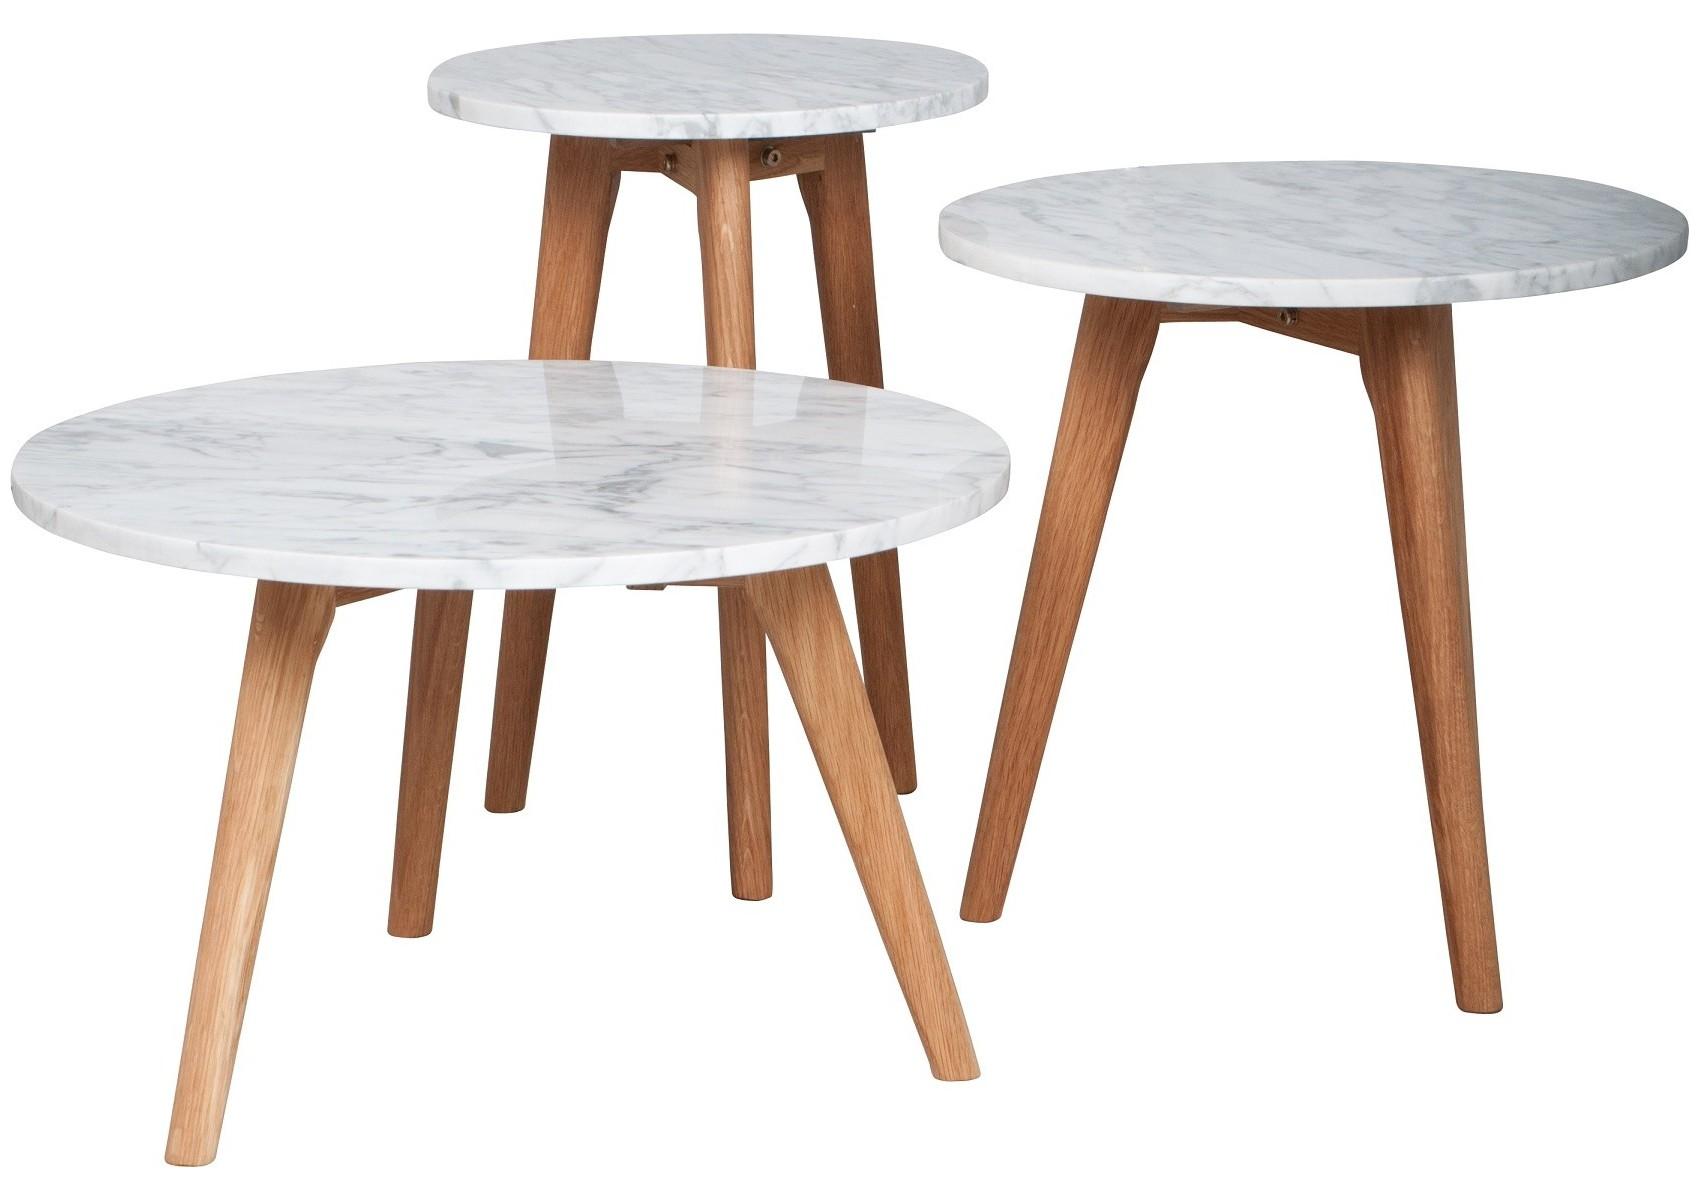 Table basse en marbre et bois